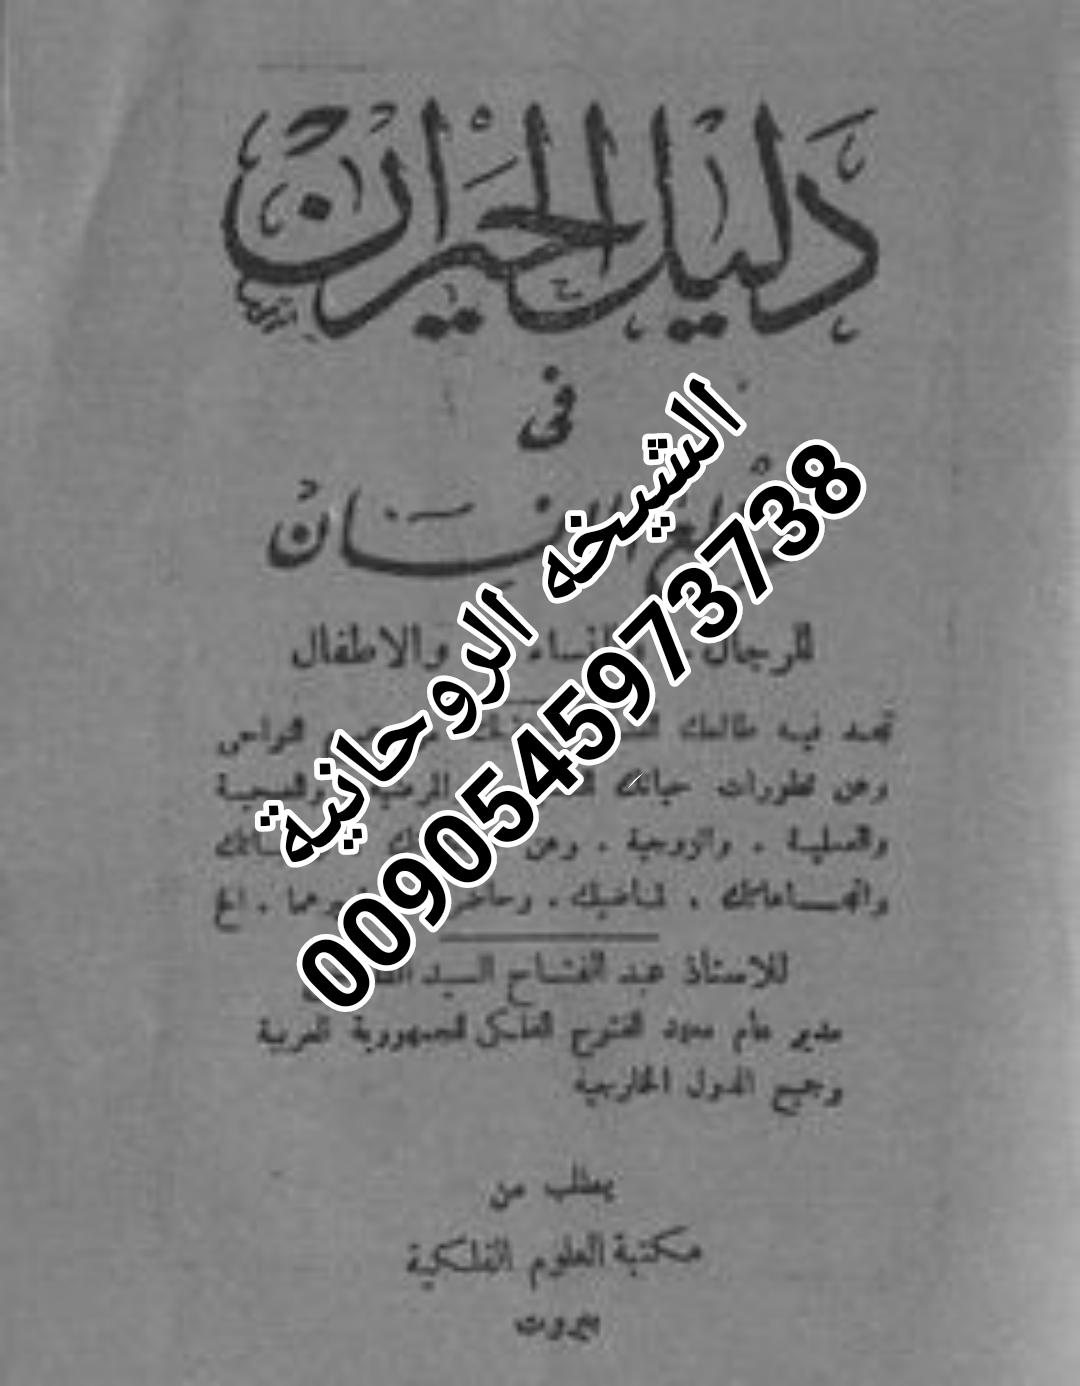 شيخ روحاني عماني مضمون - جلب الحبيب للزواج